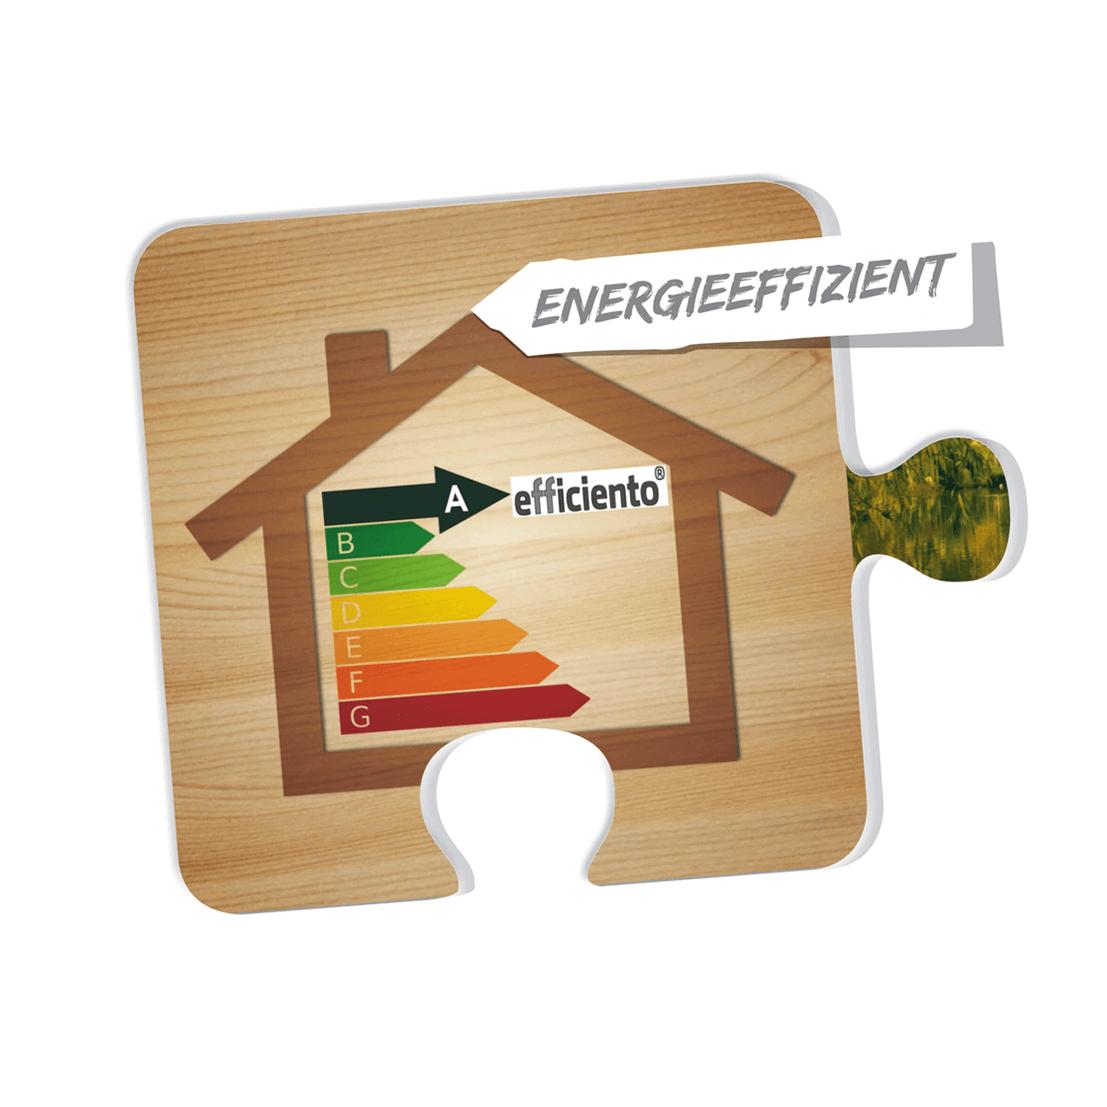 Energieeffizient Puzzleteil